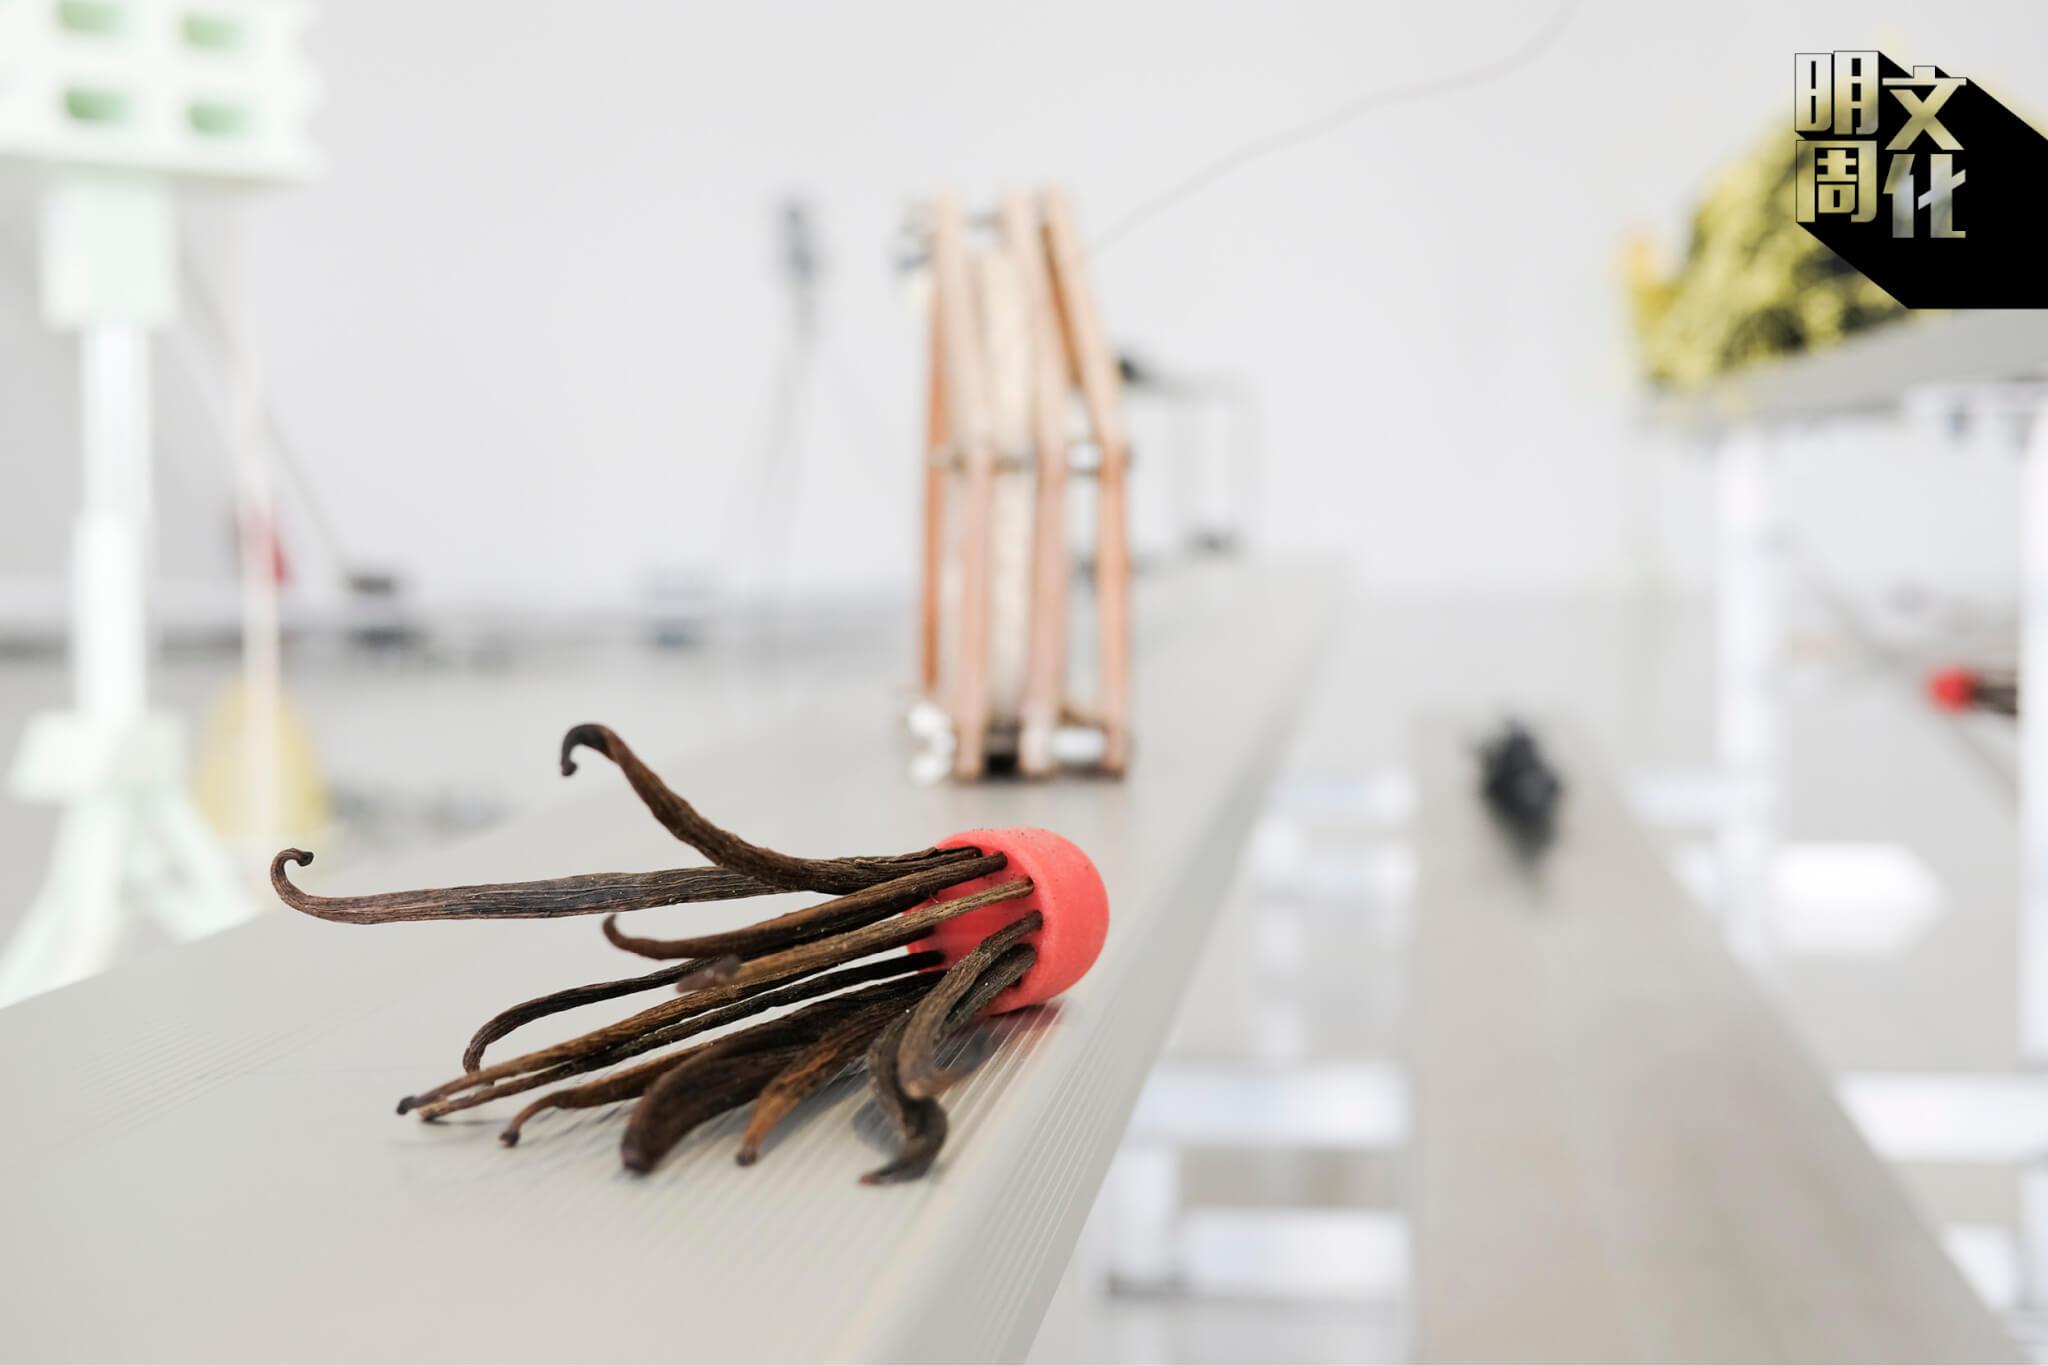 橡膠製的球頭和香草豆莢「羽毛」,代表了謝淑妮家人的辛酸史。